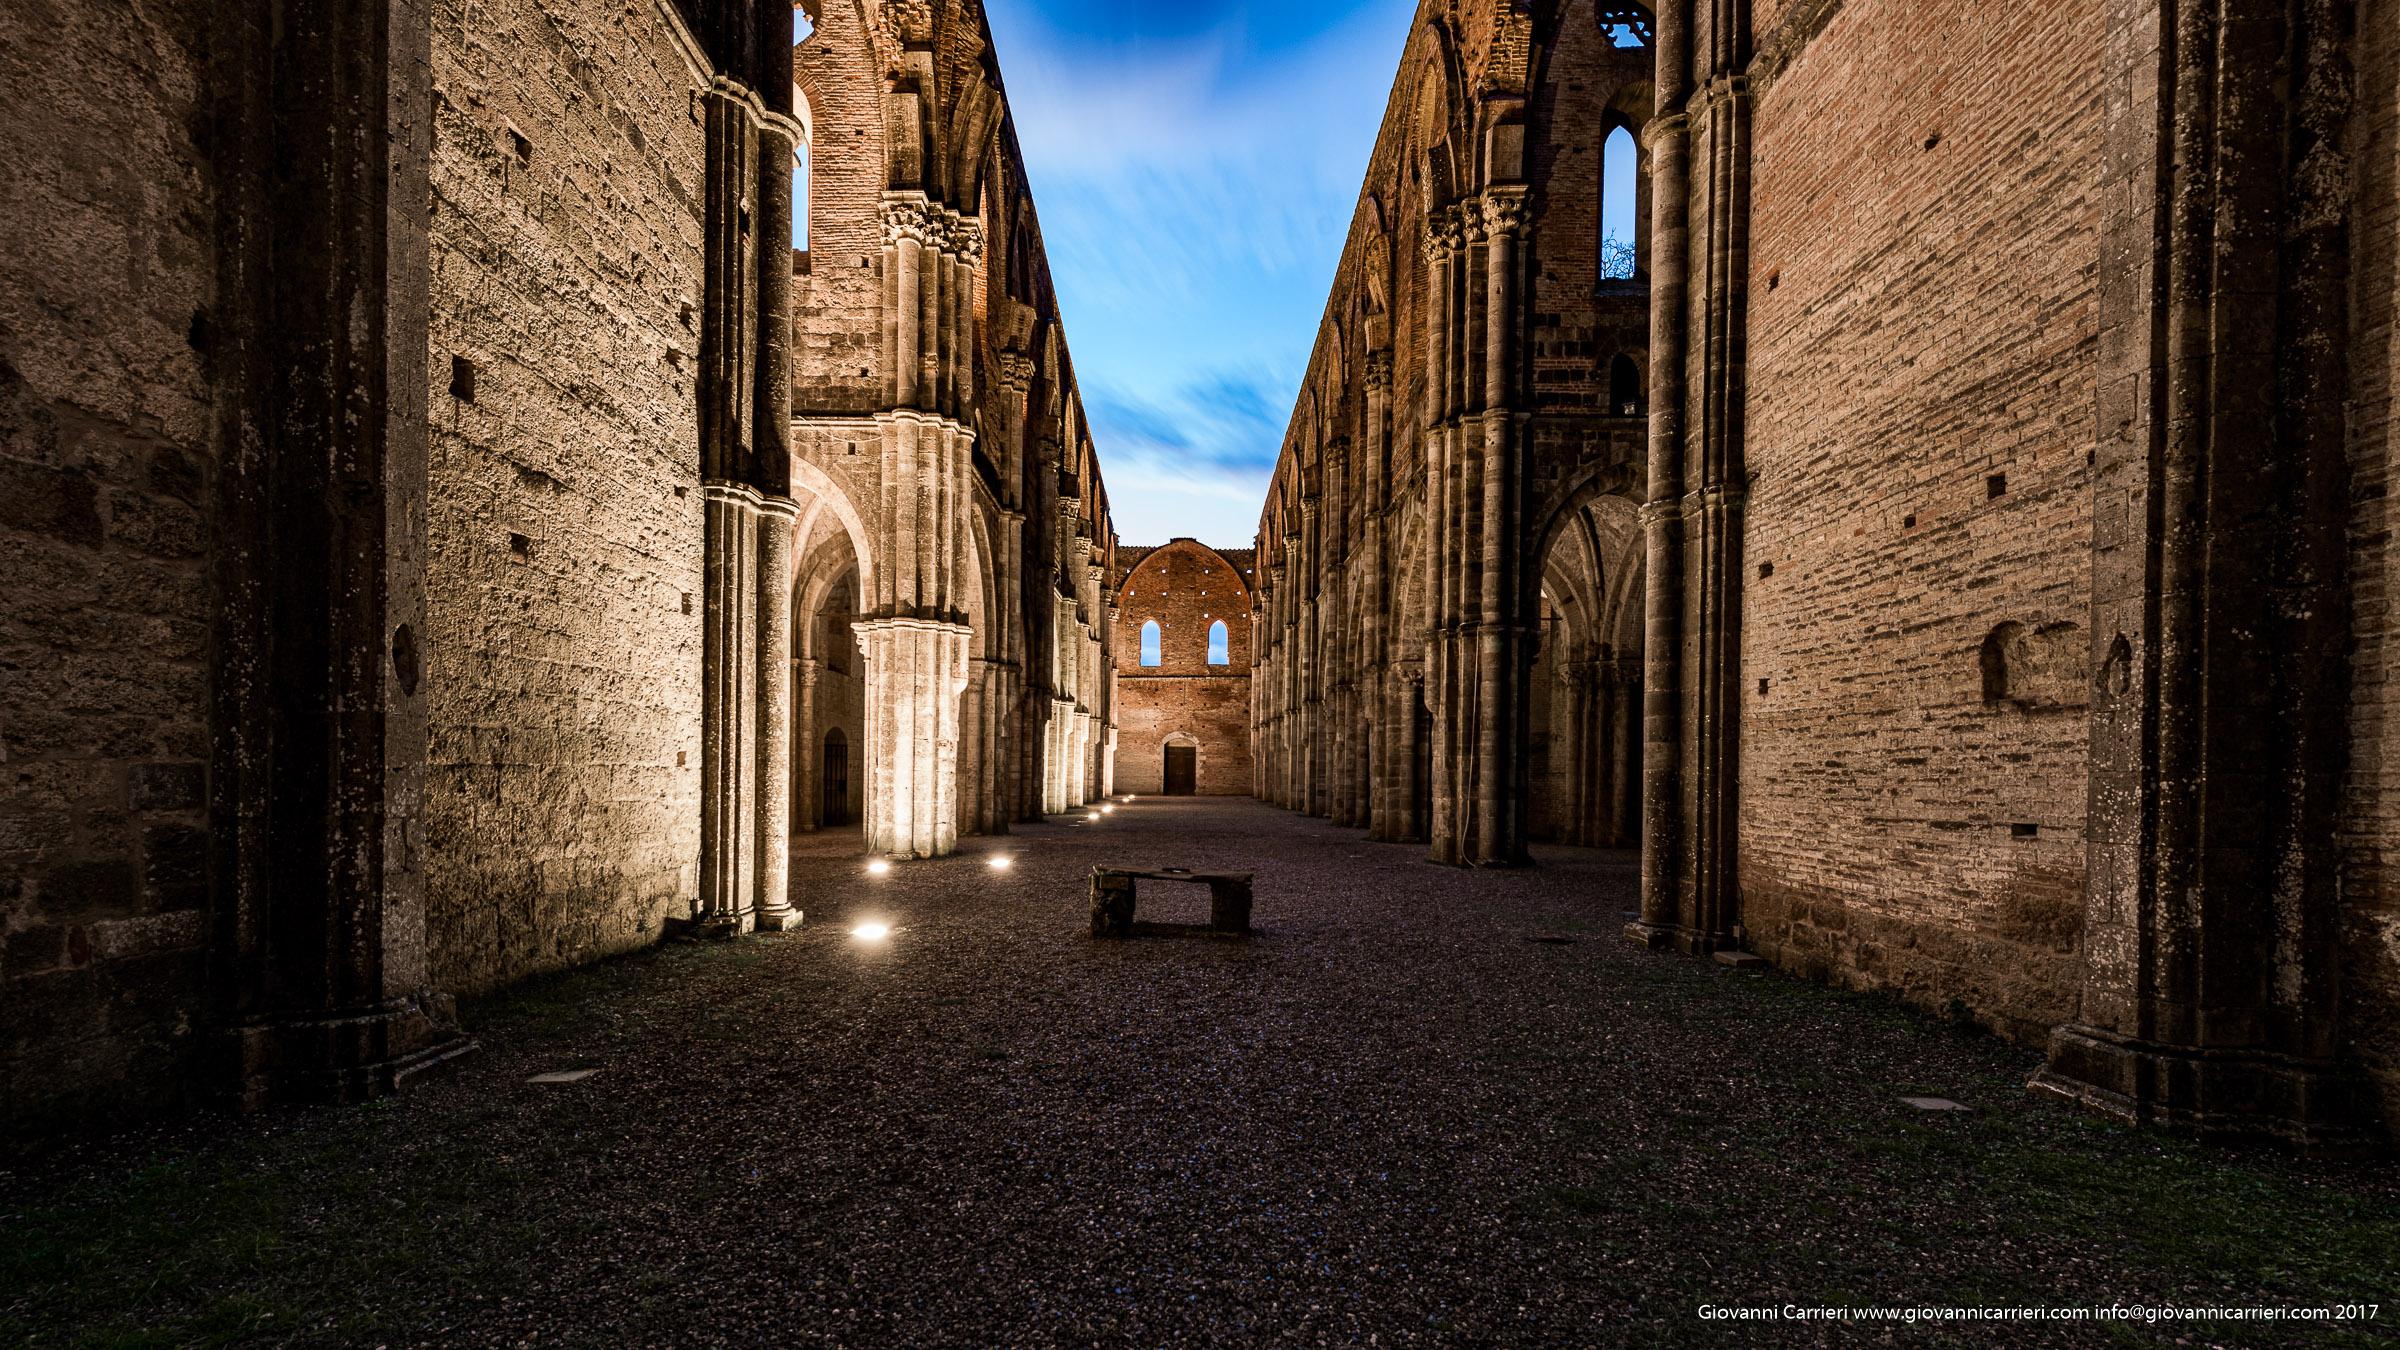 Inside San Galgano Abbey